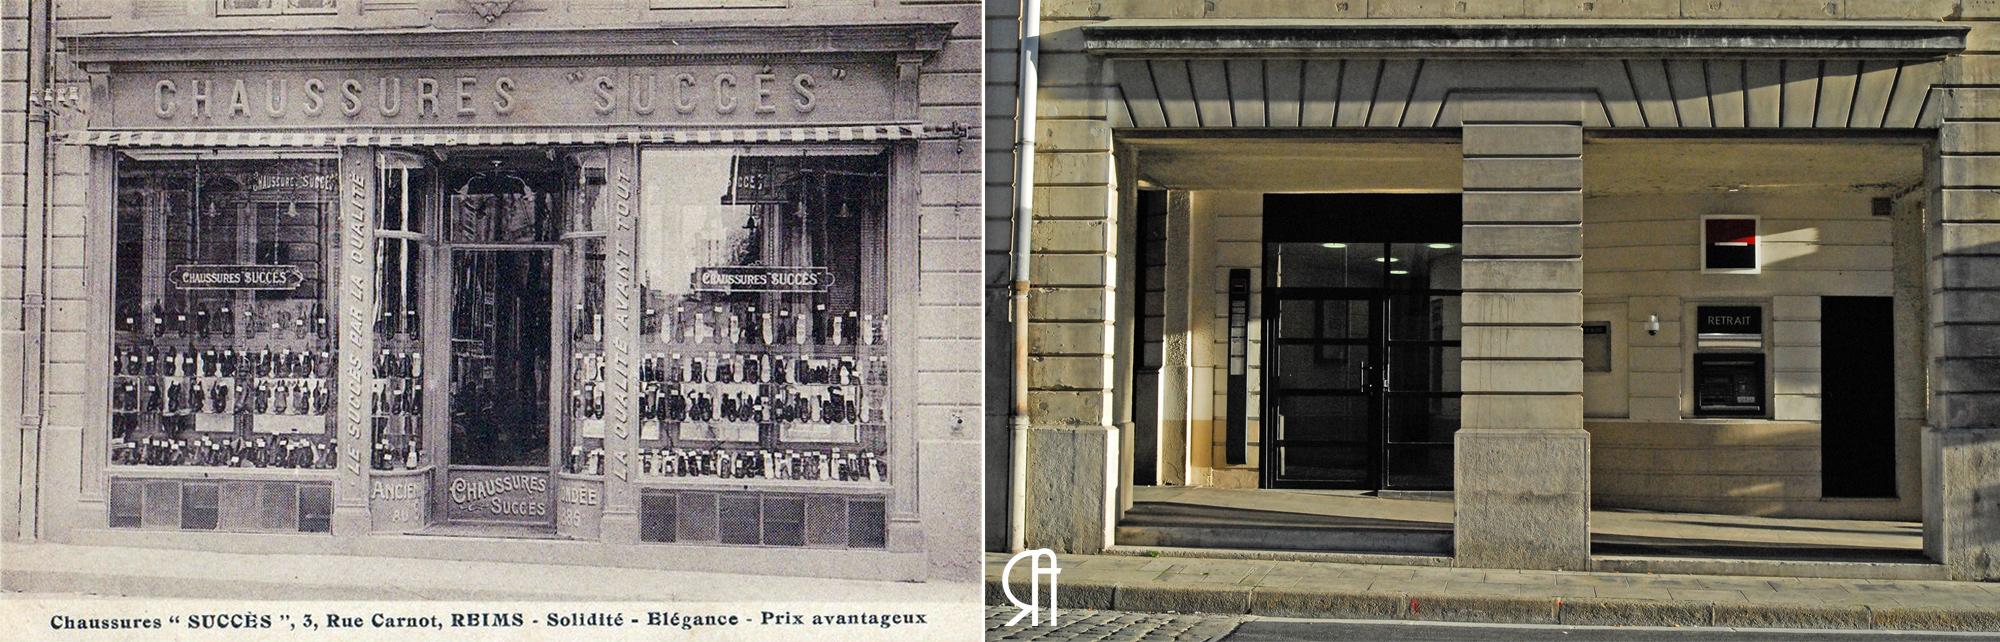 """Les chaussures """"Succès"""", rue Carnot."""